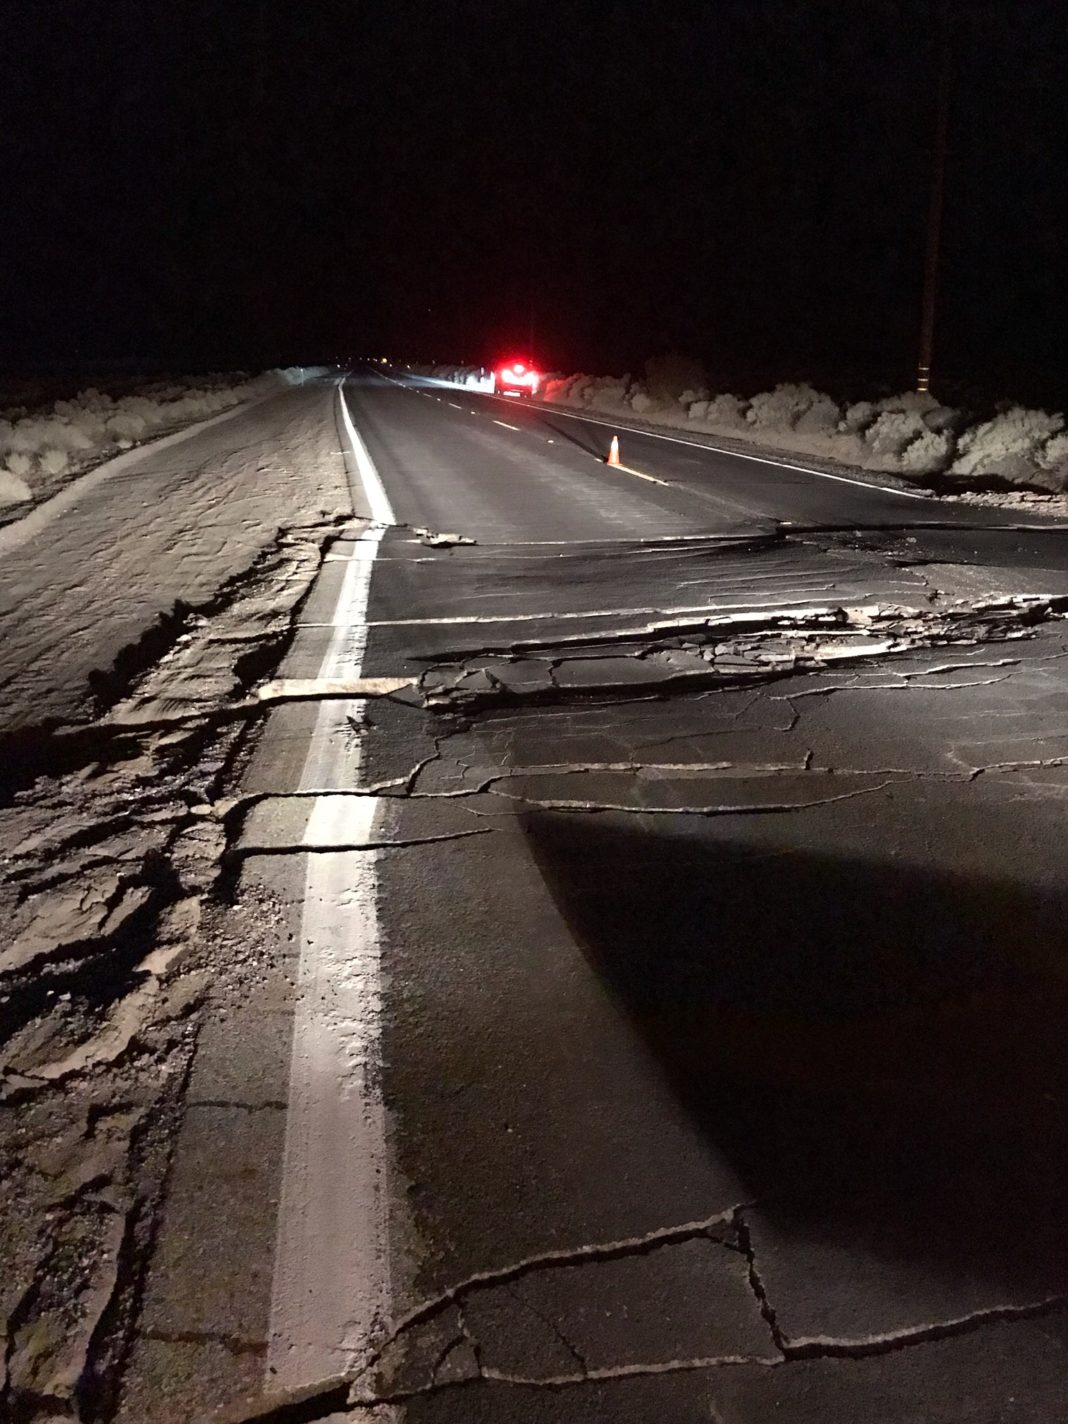 damaged roadway at night